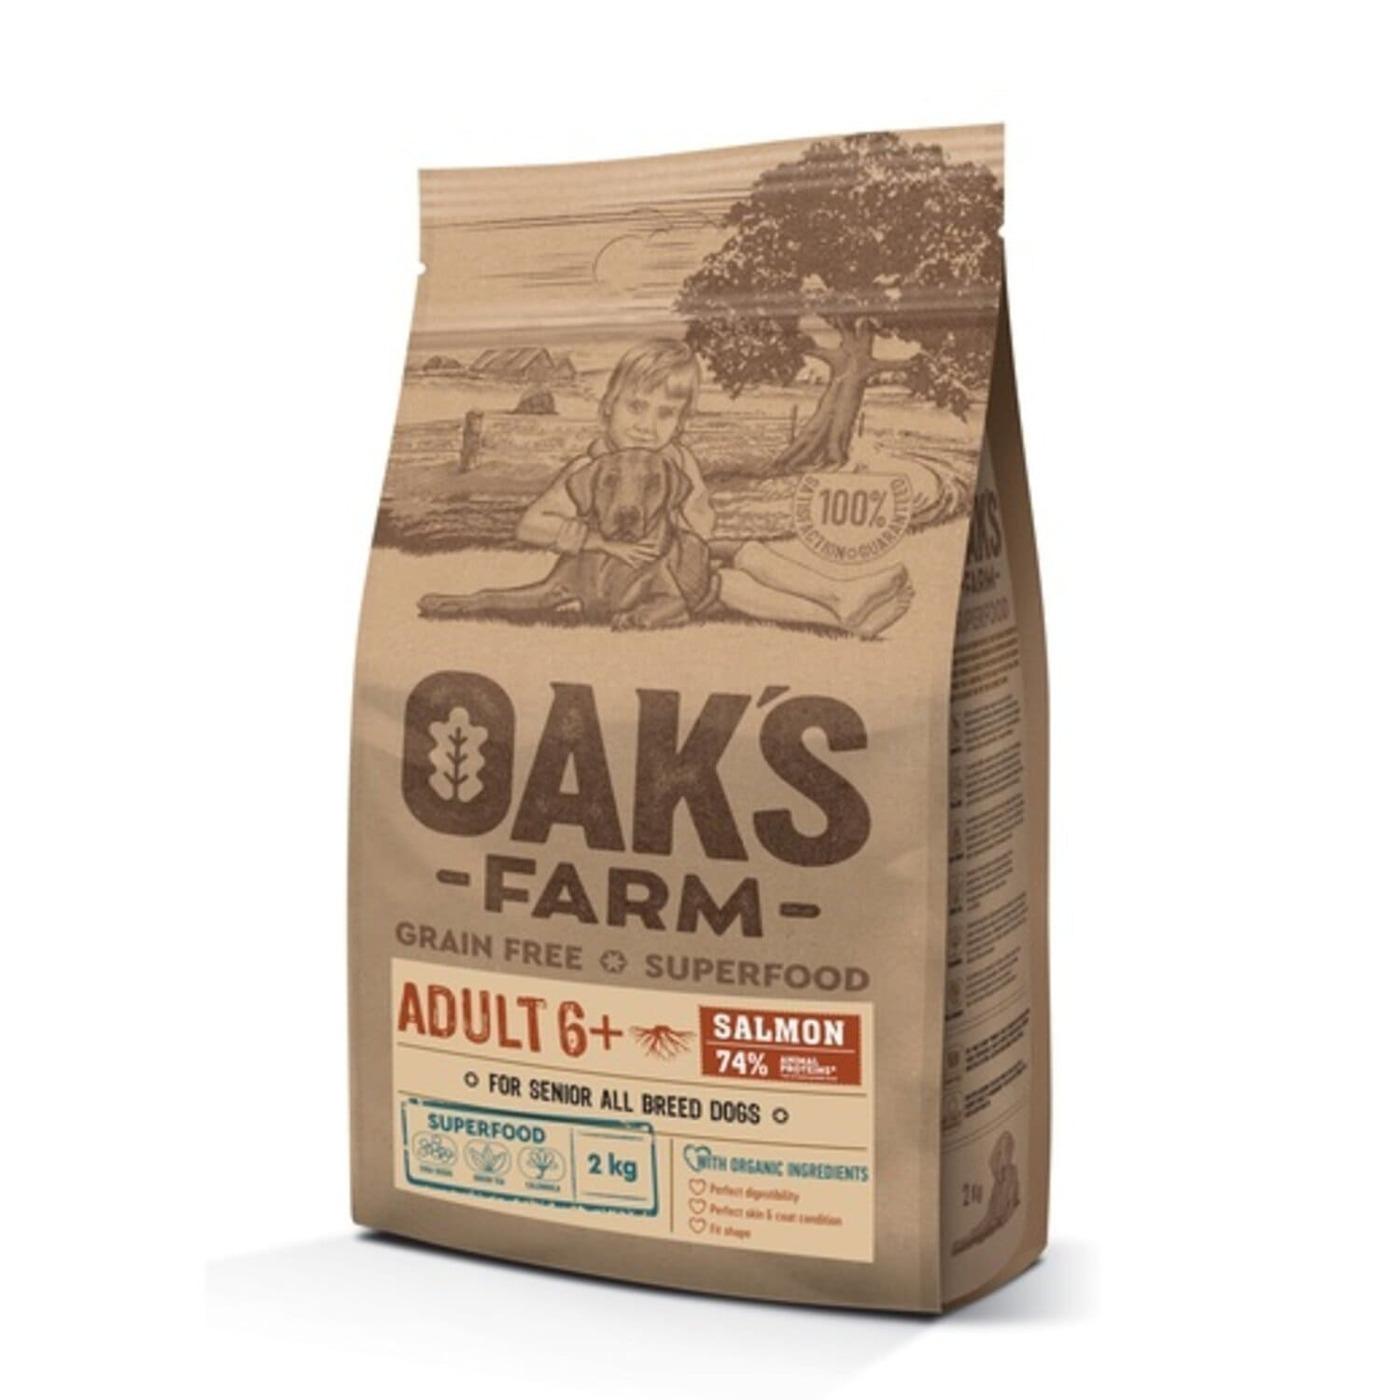 Oaks Farm GF сухой корм для собак 6+ всех пород, лосось 2 кг